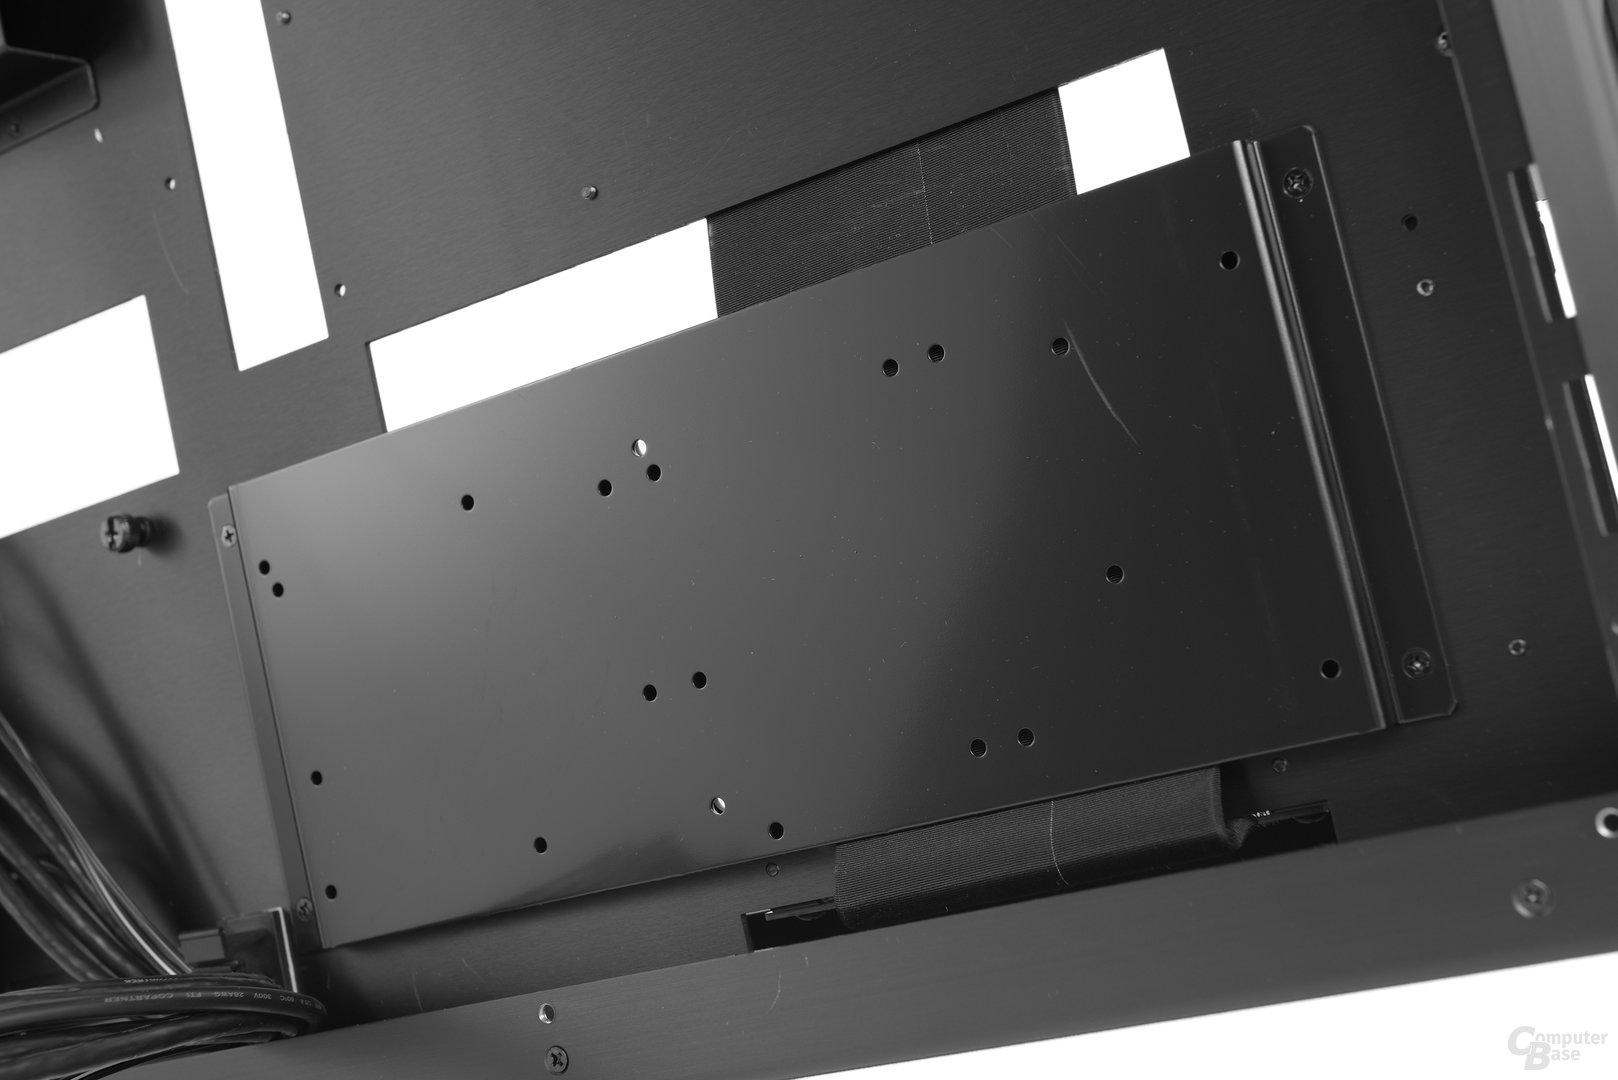 Lian Li PC-O6S – Festplattenbracket an der Rückseite